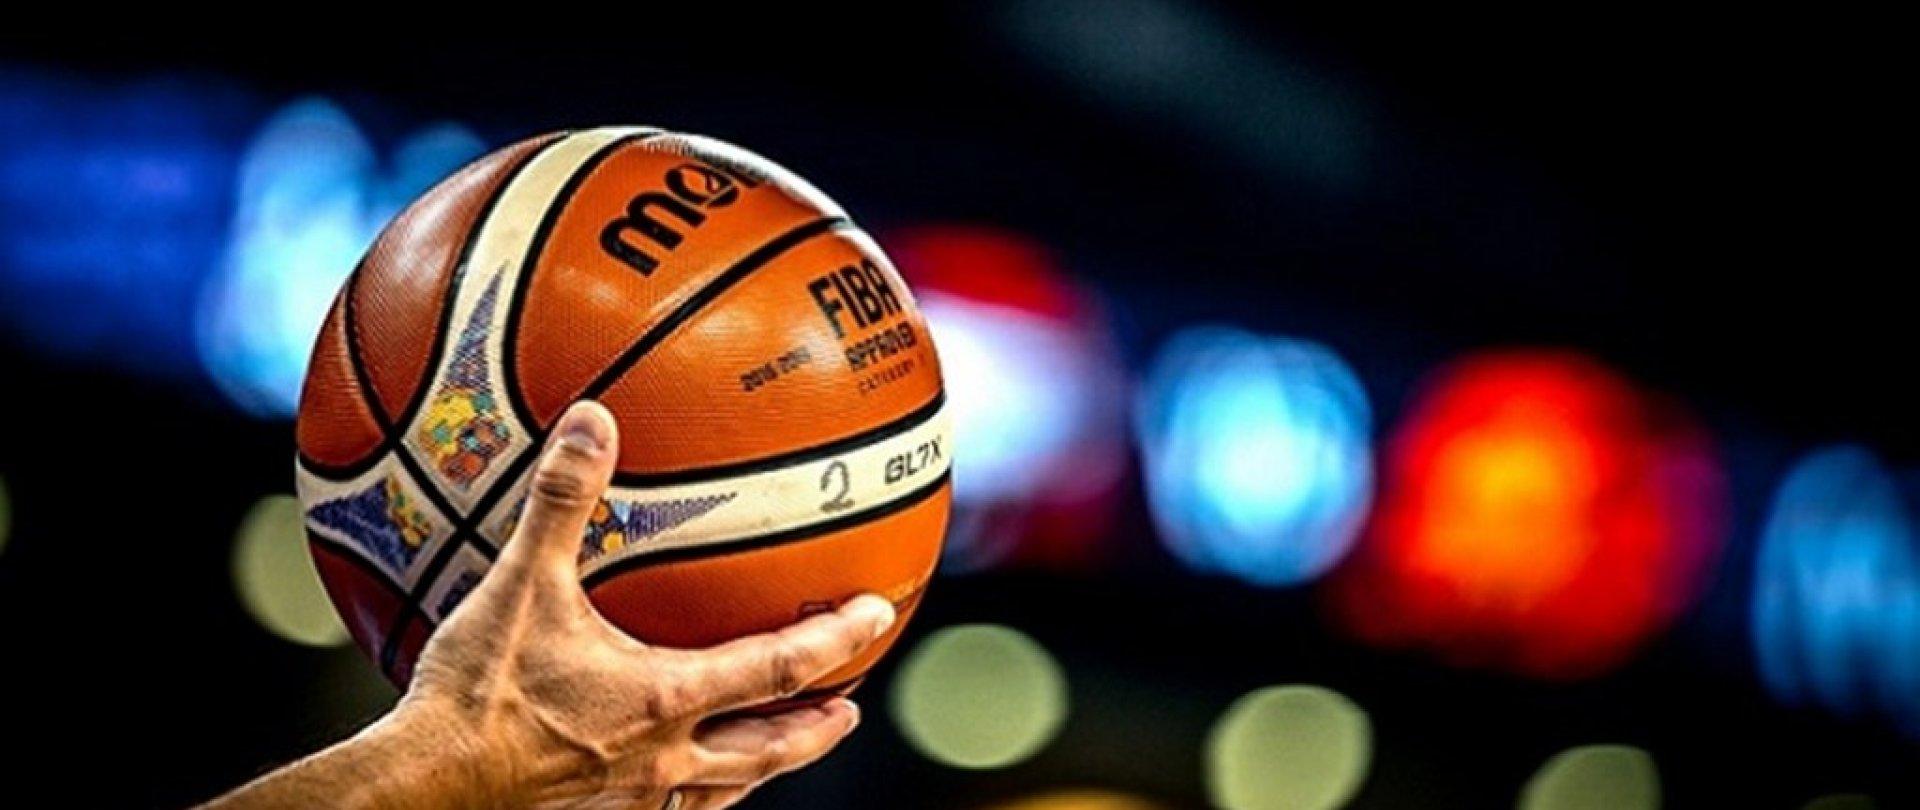 Campionatul European de baschet U 18 ani – Divizia B 2019, la Oradea